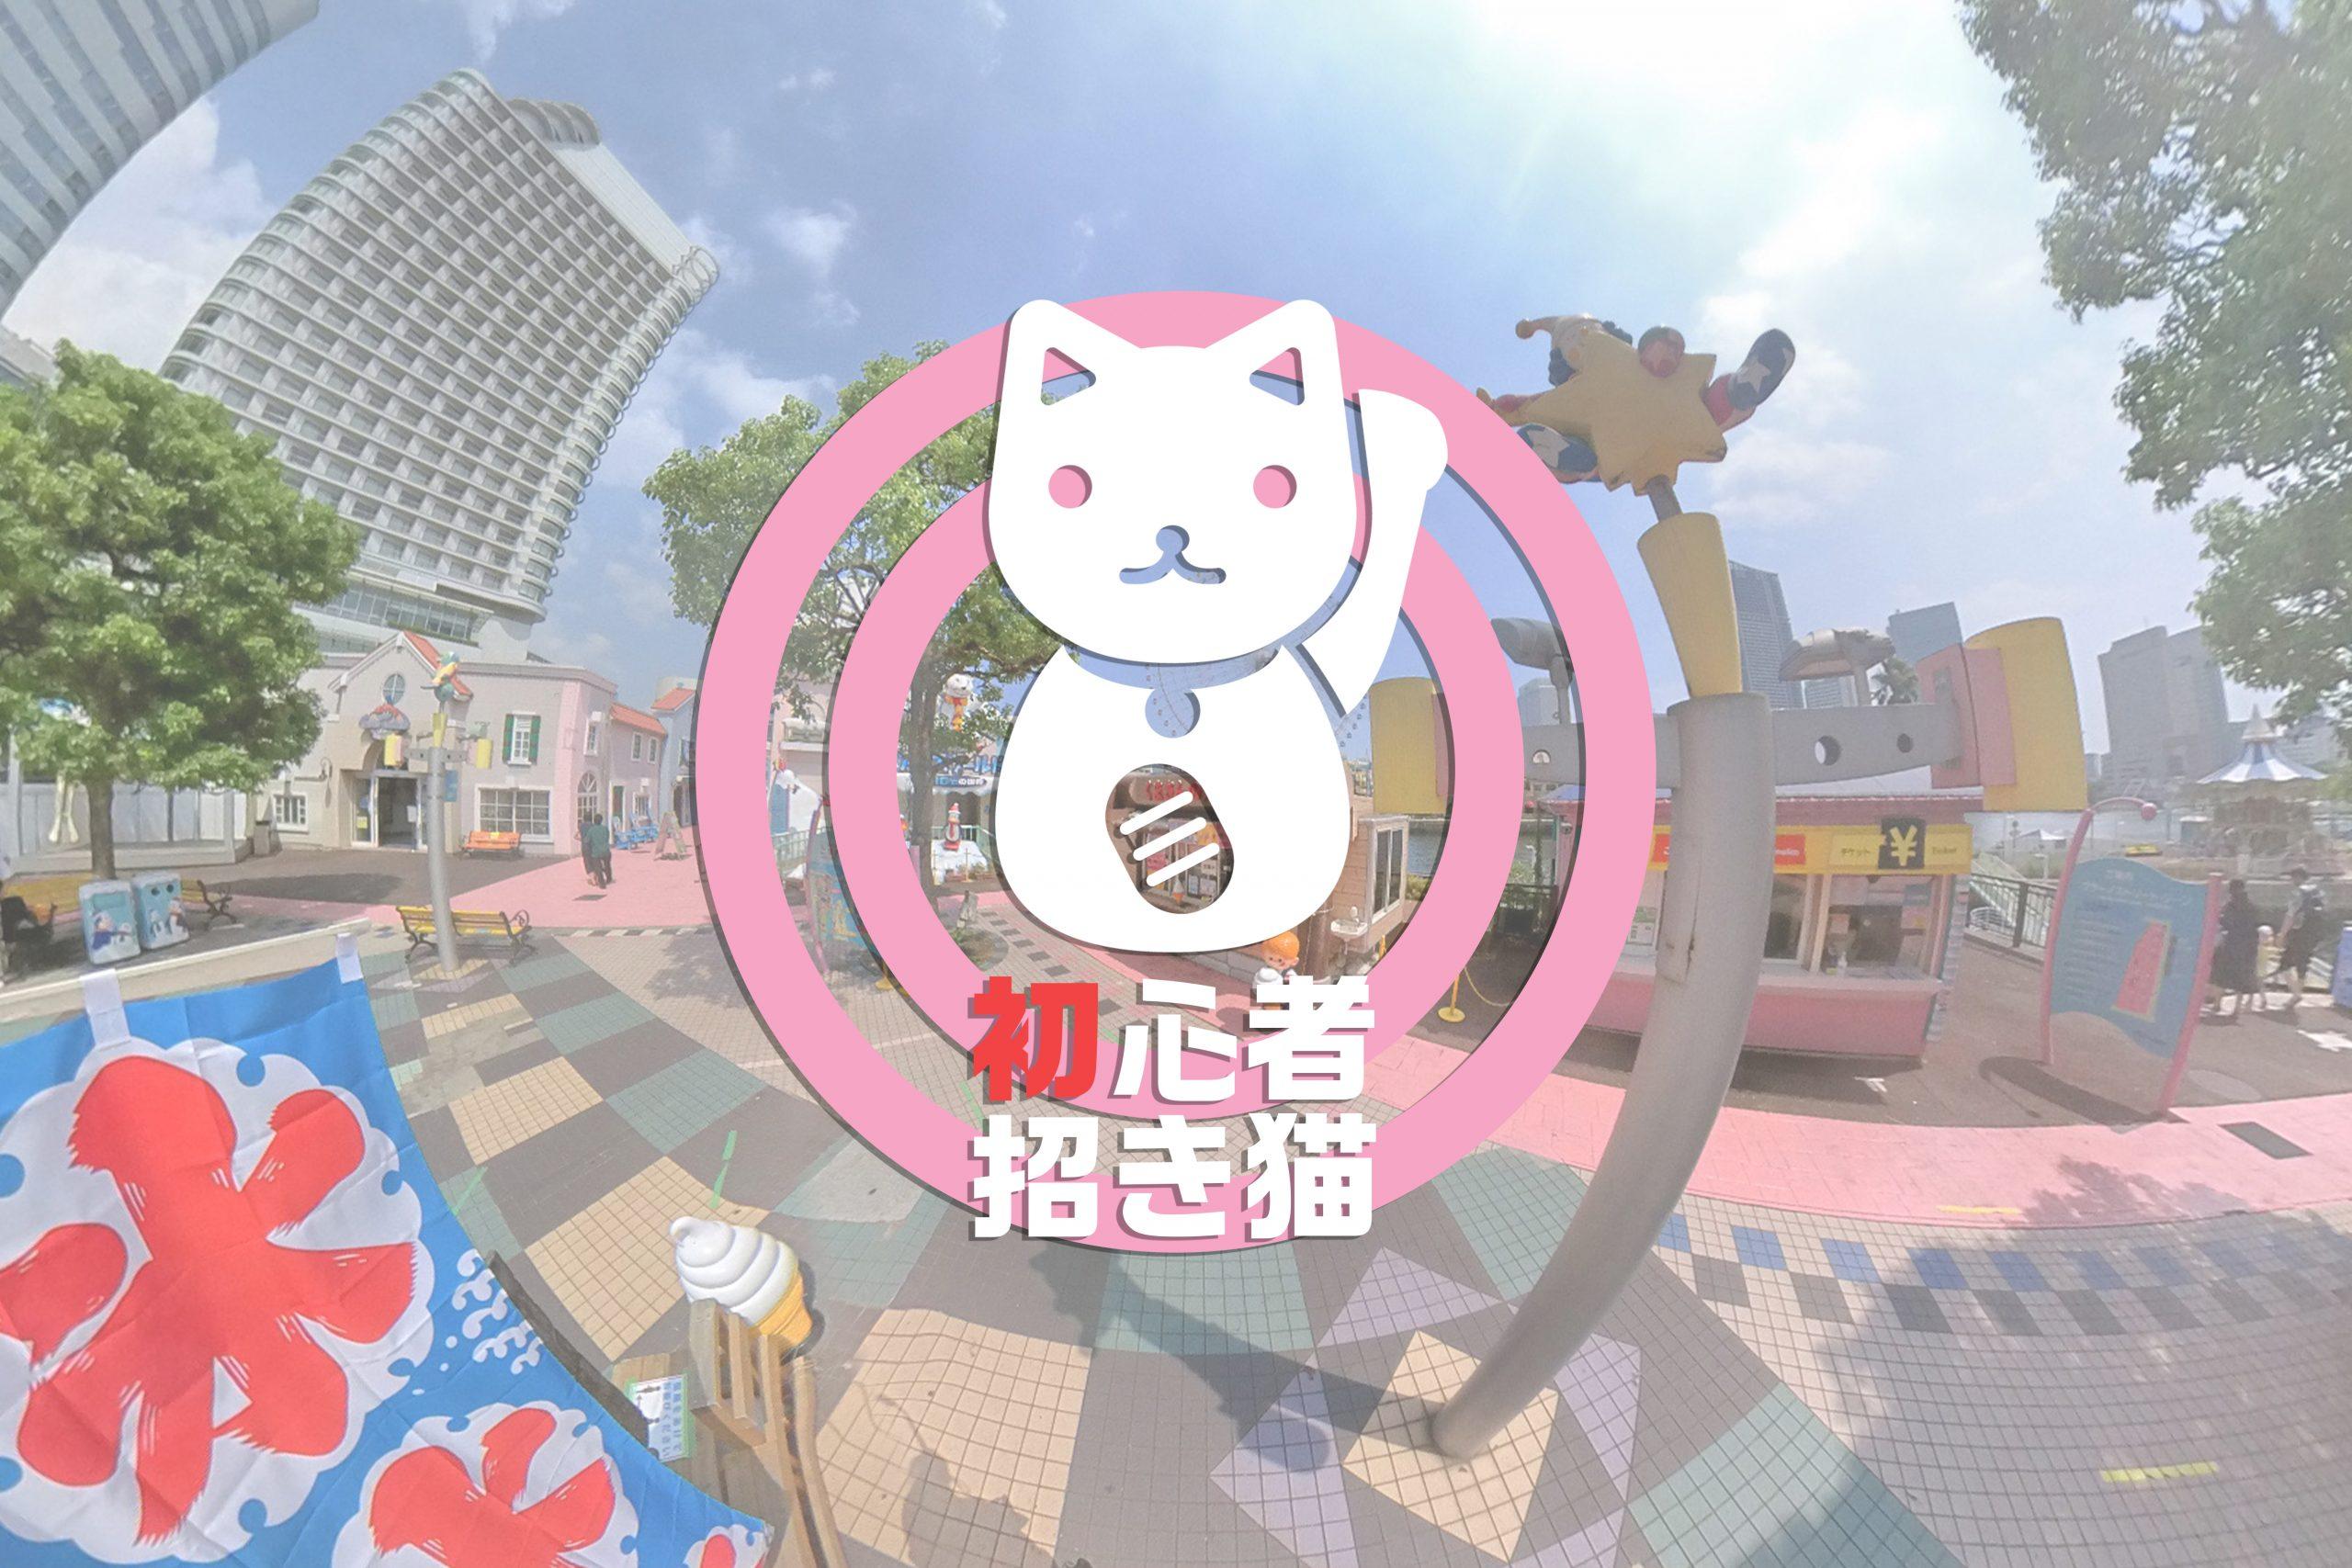 【カメラ初心者 招き猫#7】誰でも簡単!360度カメラの世界【Insta360】